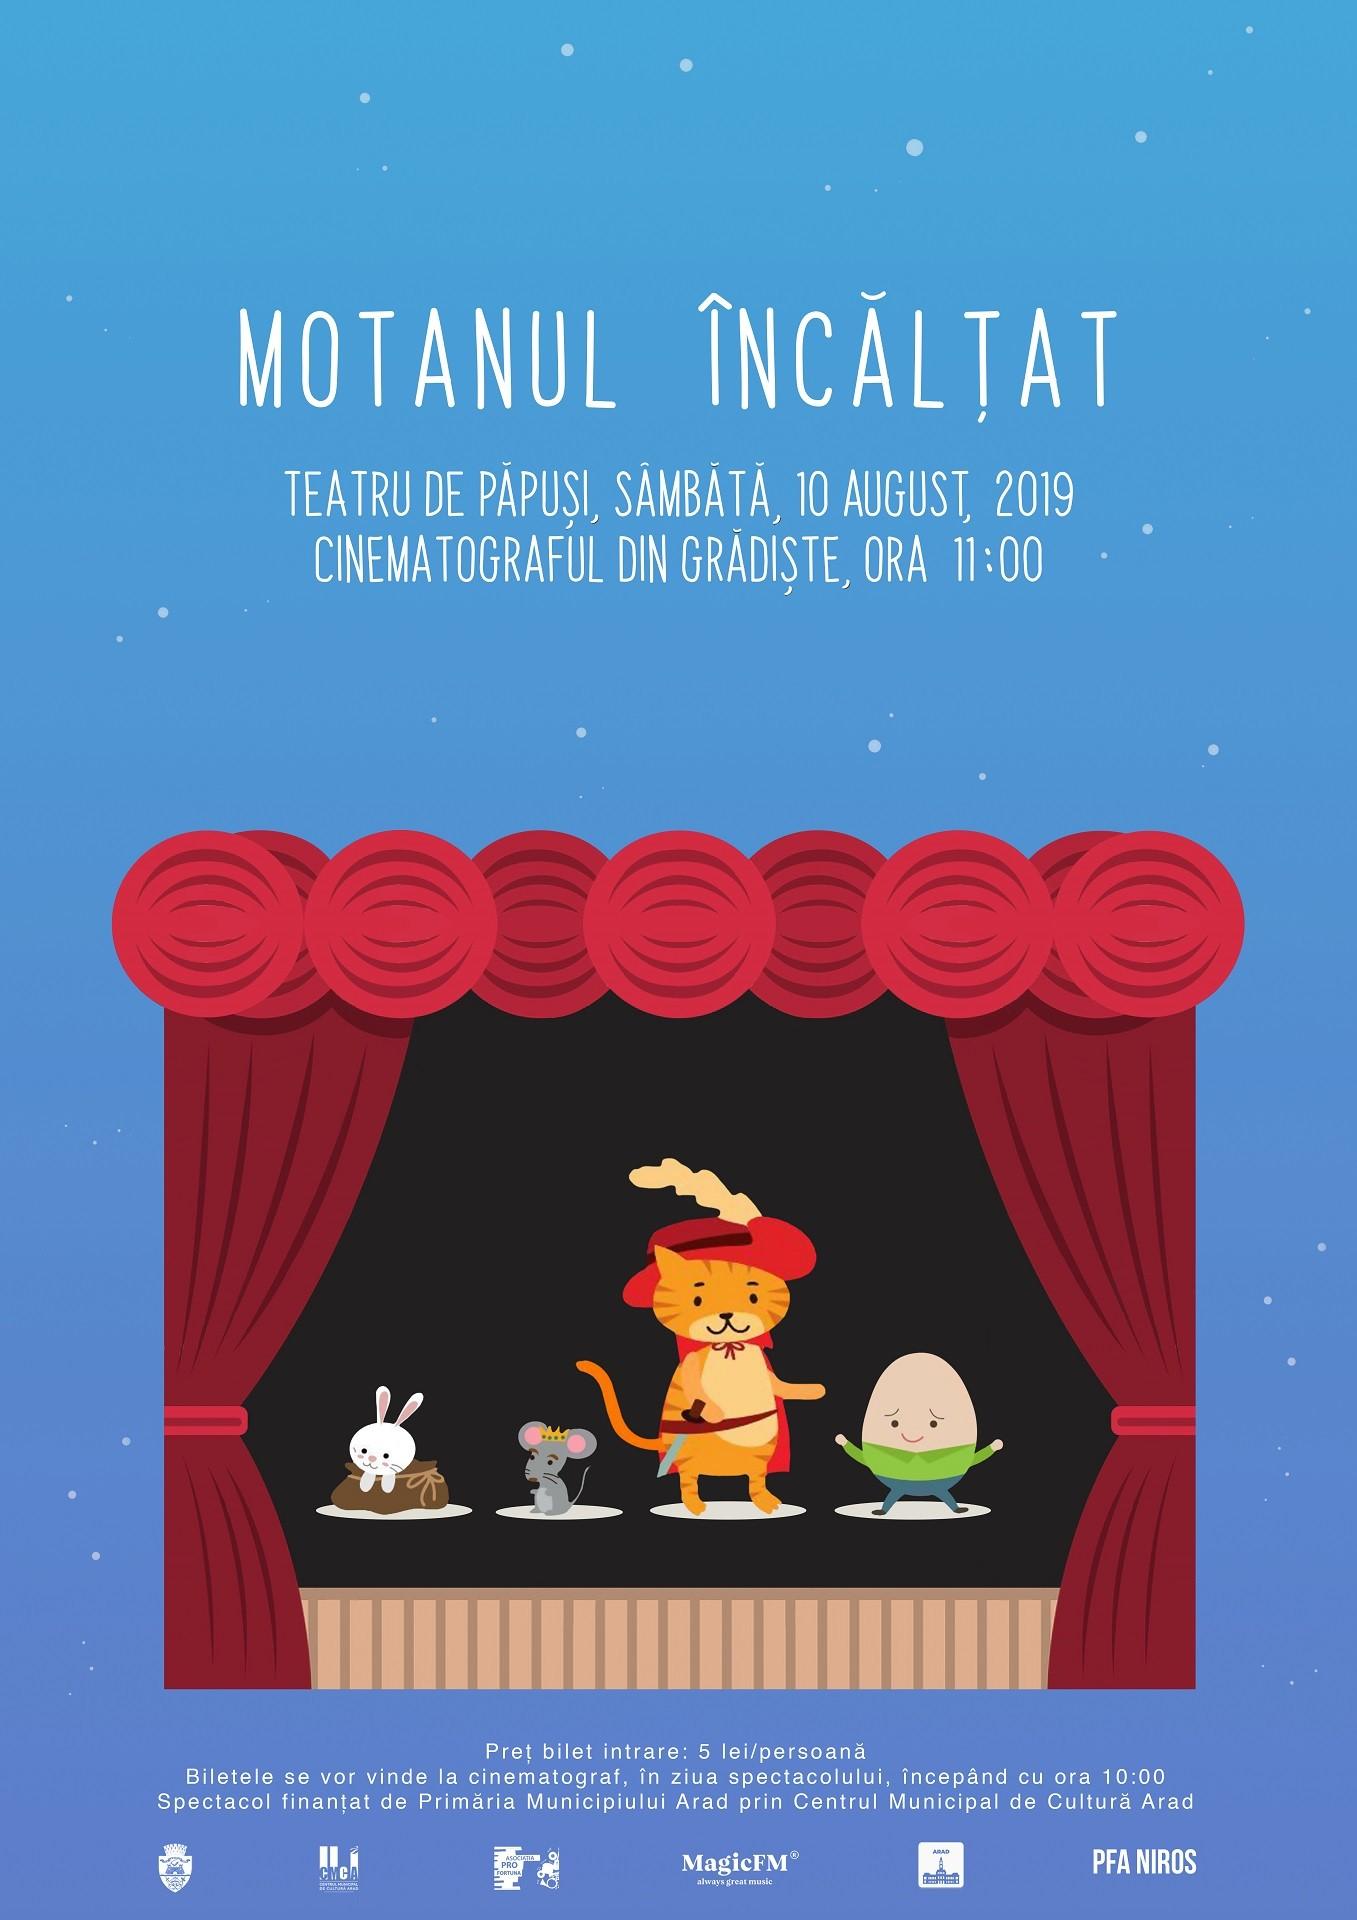 """""""Motanul încălțat"""" – o nouă piesă de teatru de păpuși, la Cinematograful din Grădiște"""